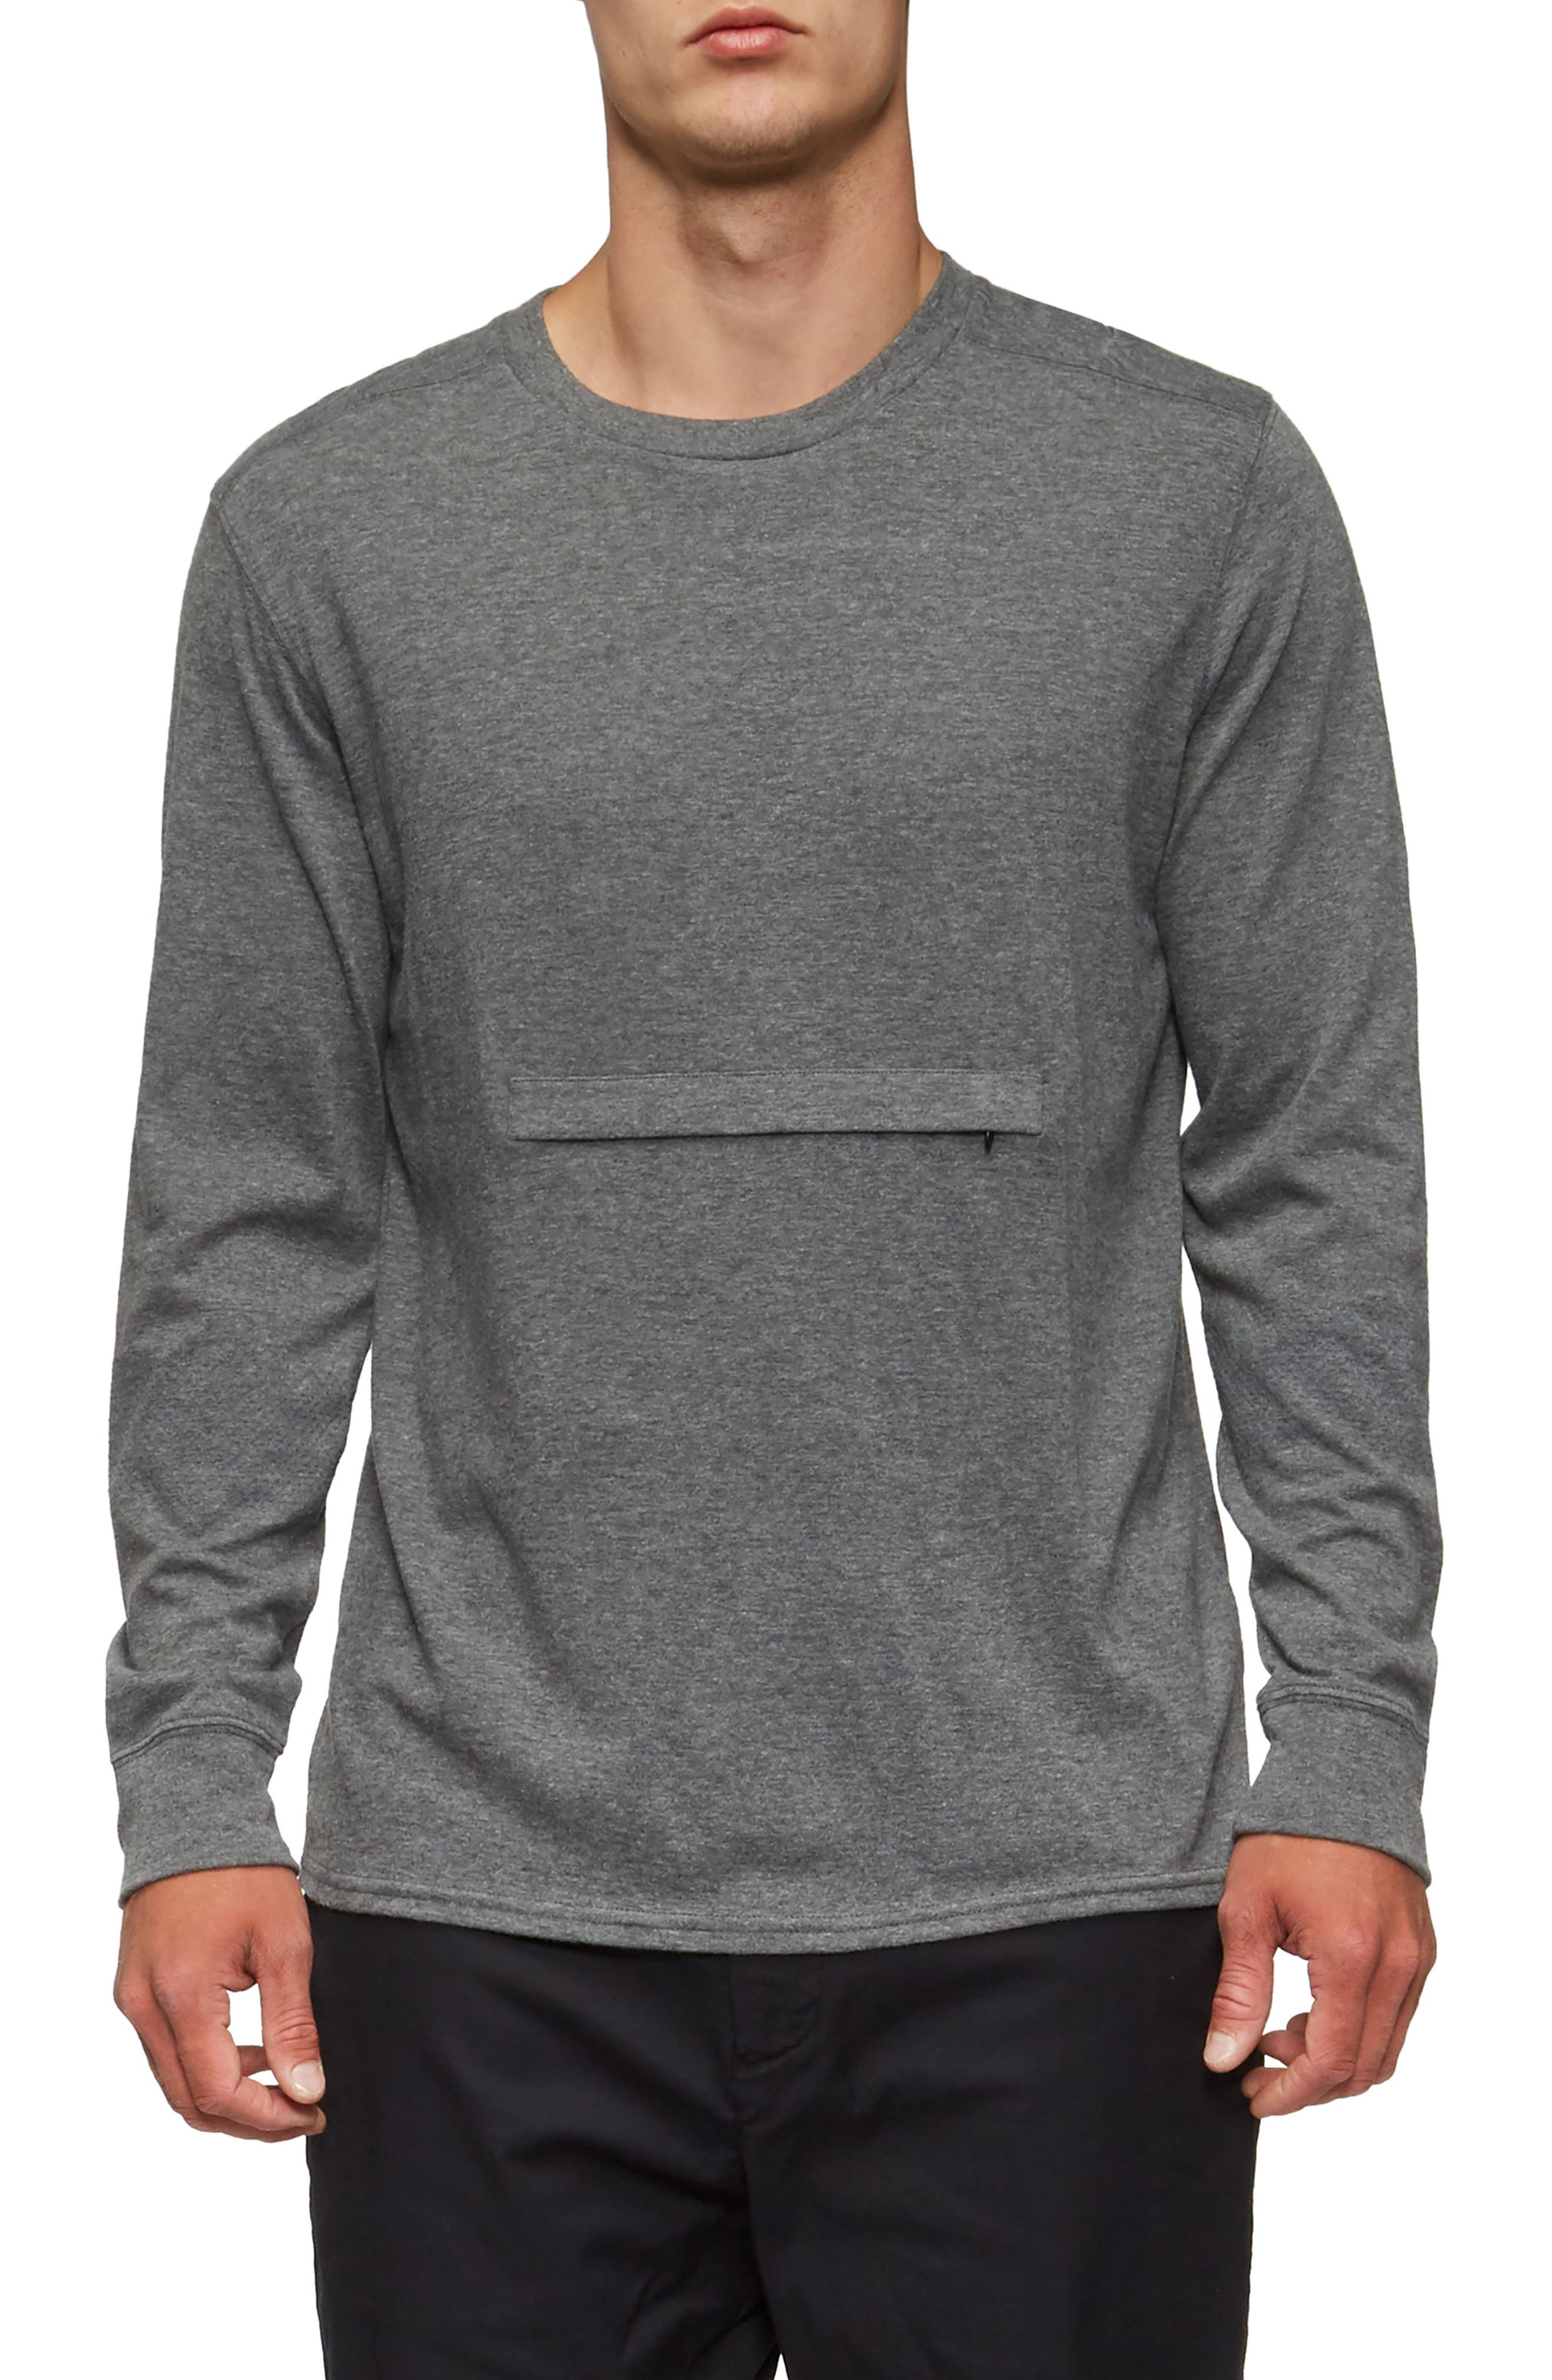 Main Image - TAVIK Lowell Long Sleeve T-Shirt